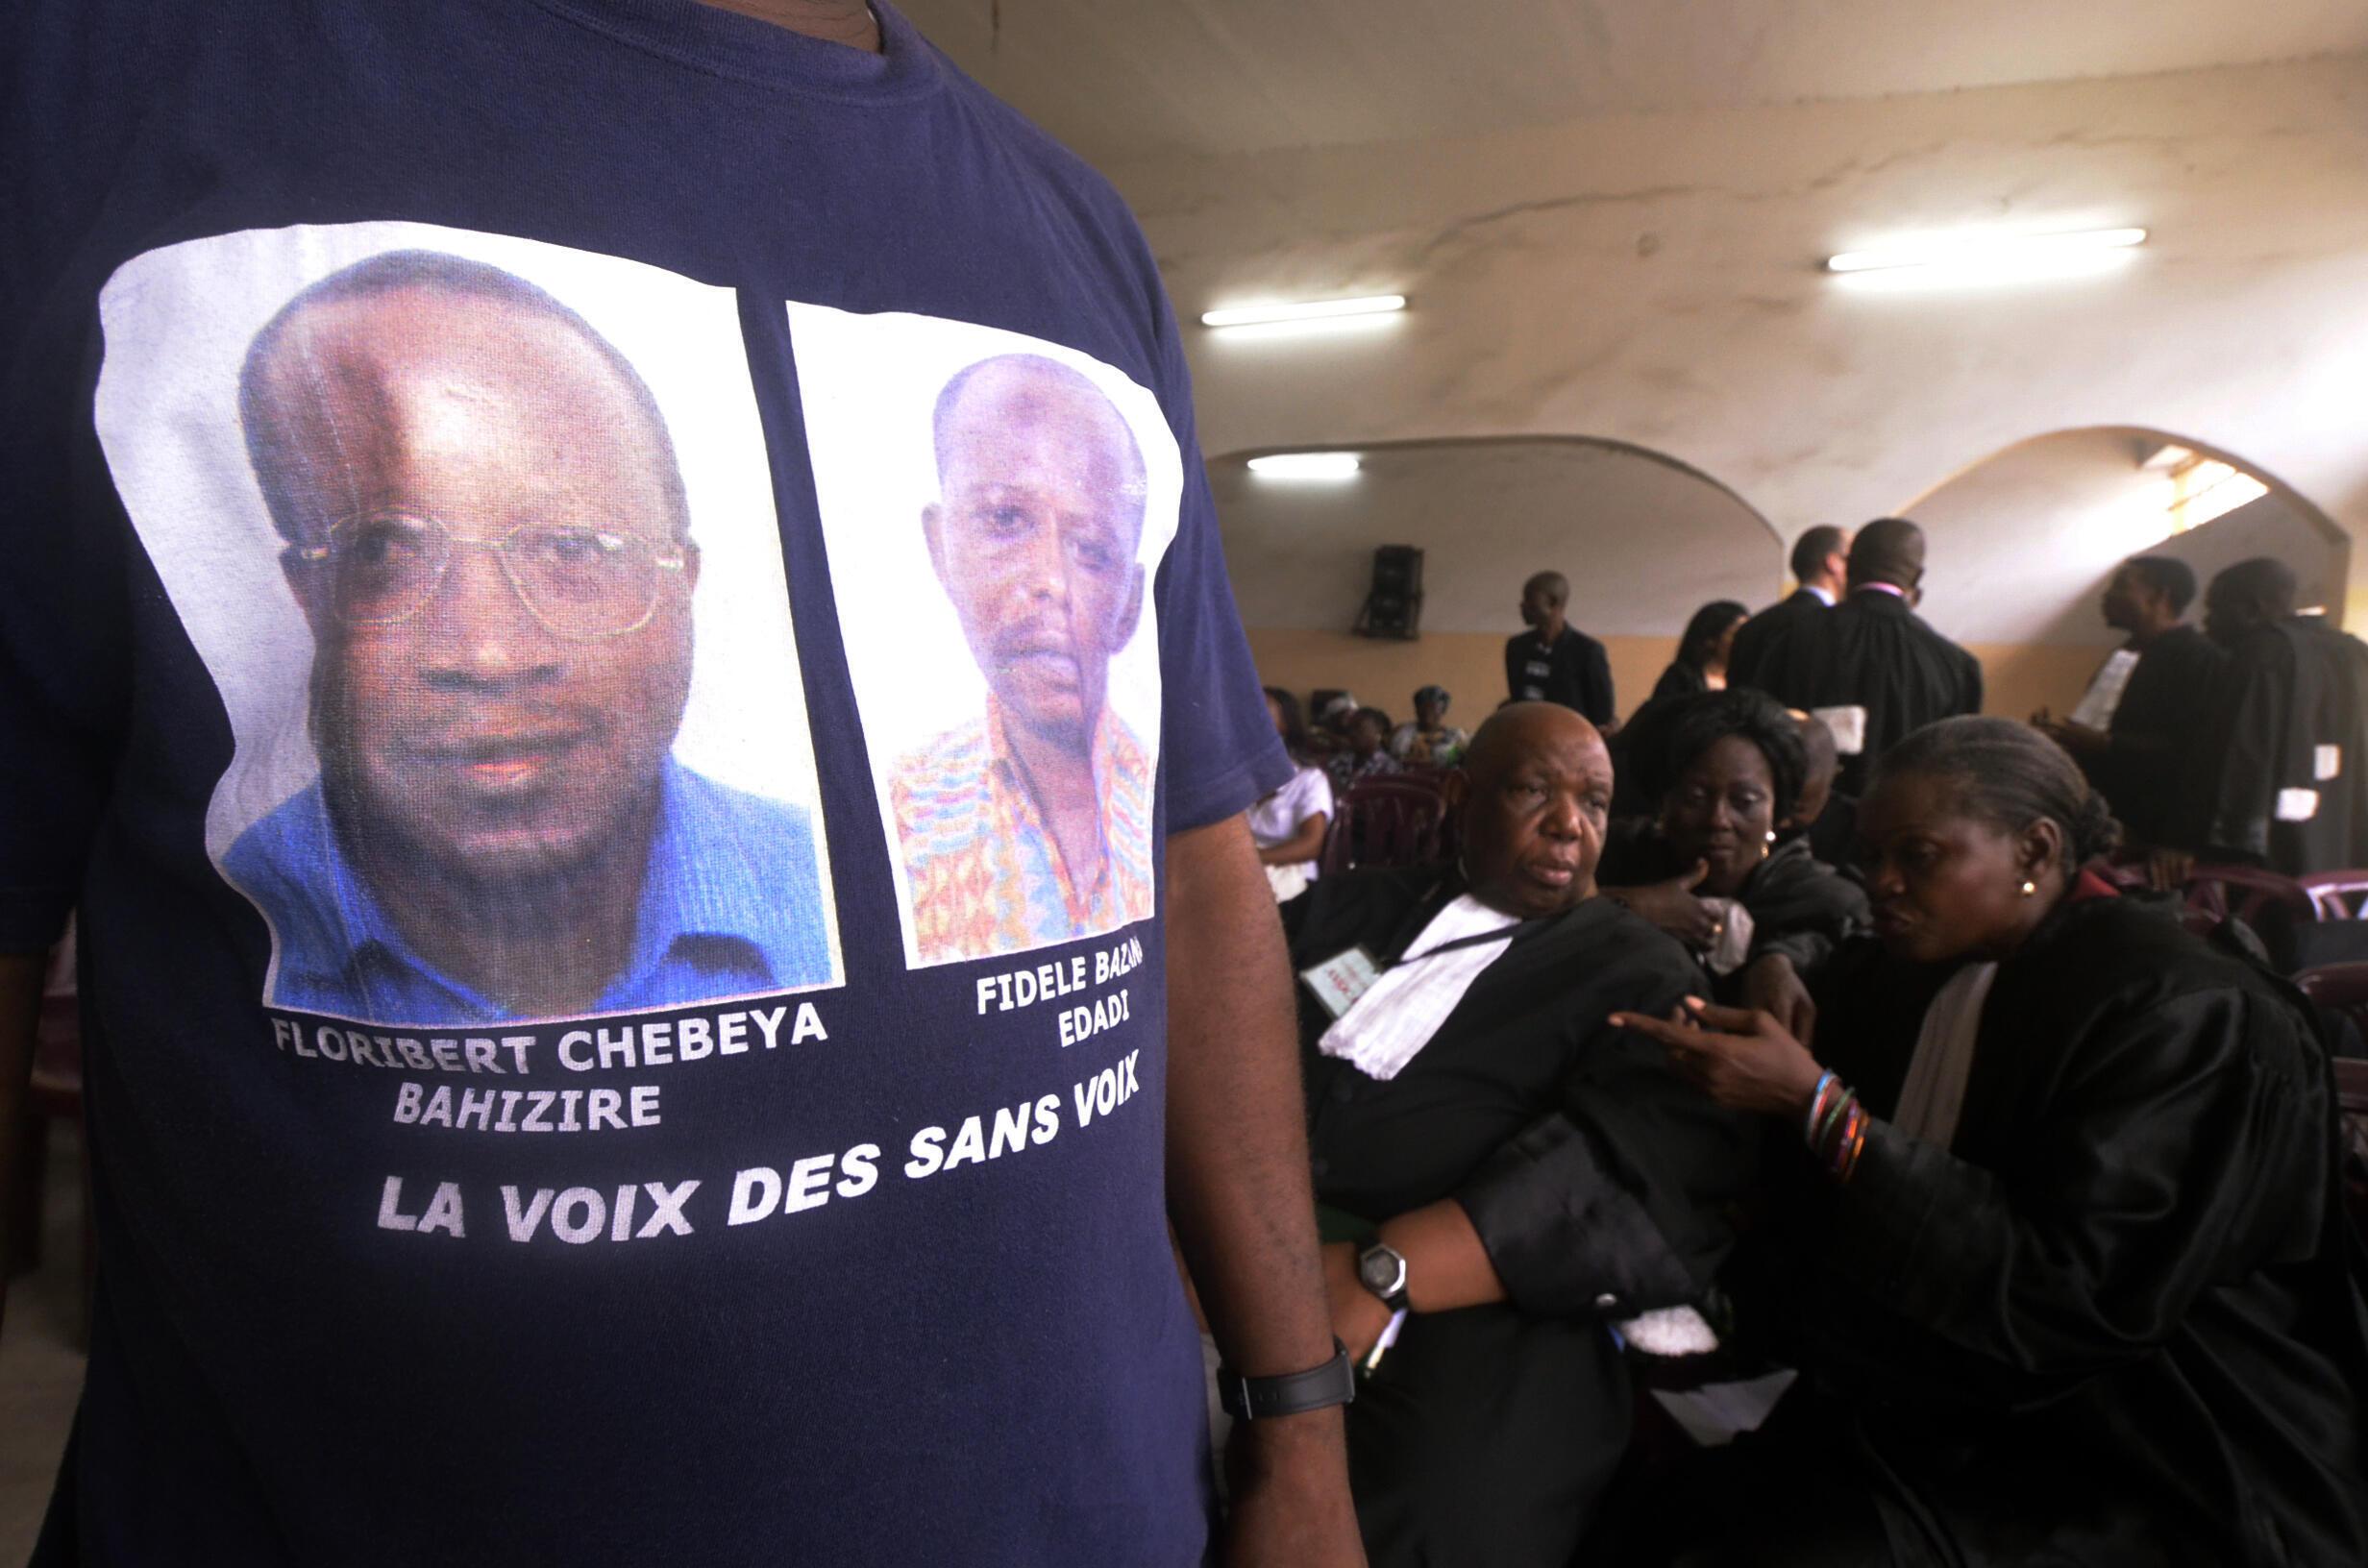 Mtu huyu akiwa na fulana iliyo na picha za Floribert Chebeya na Fidèle Bazana, wanaharakati wa haki za binadamu waliouawa mwezi Juni 2010.